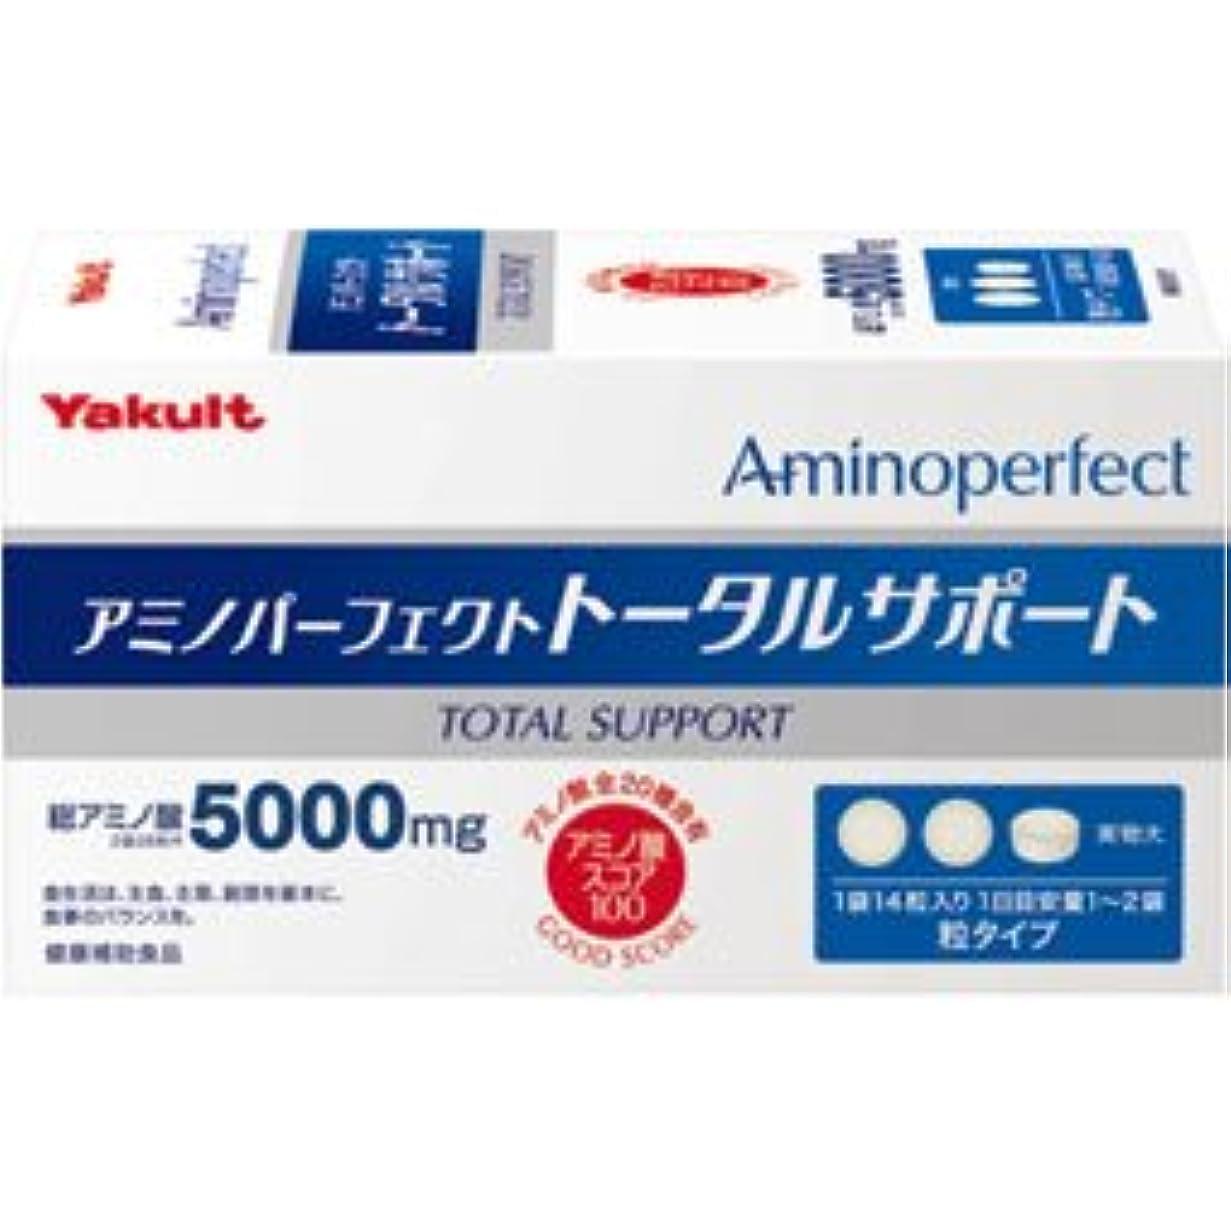 思慮のないほのか影響するアミノパーフェクト トータルサポート14粒×30袋 2個パック